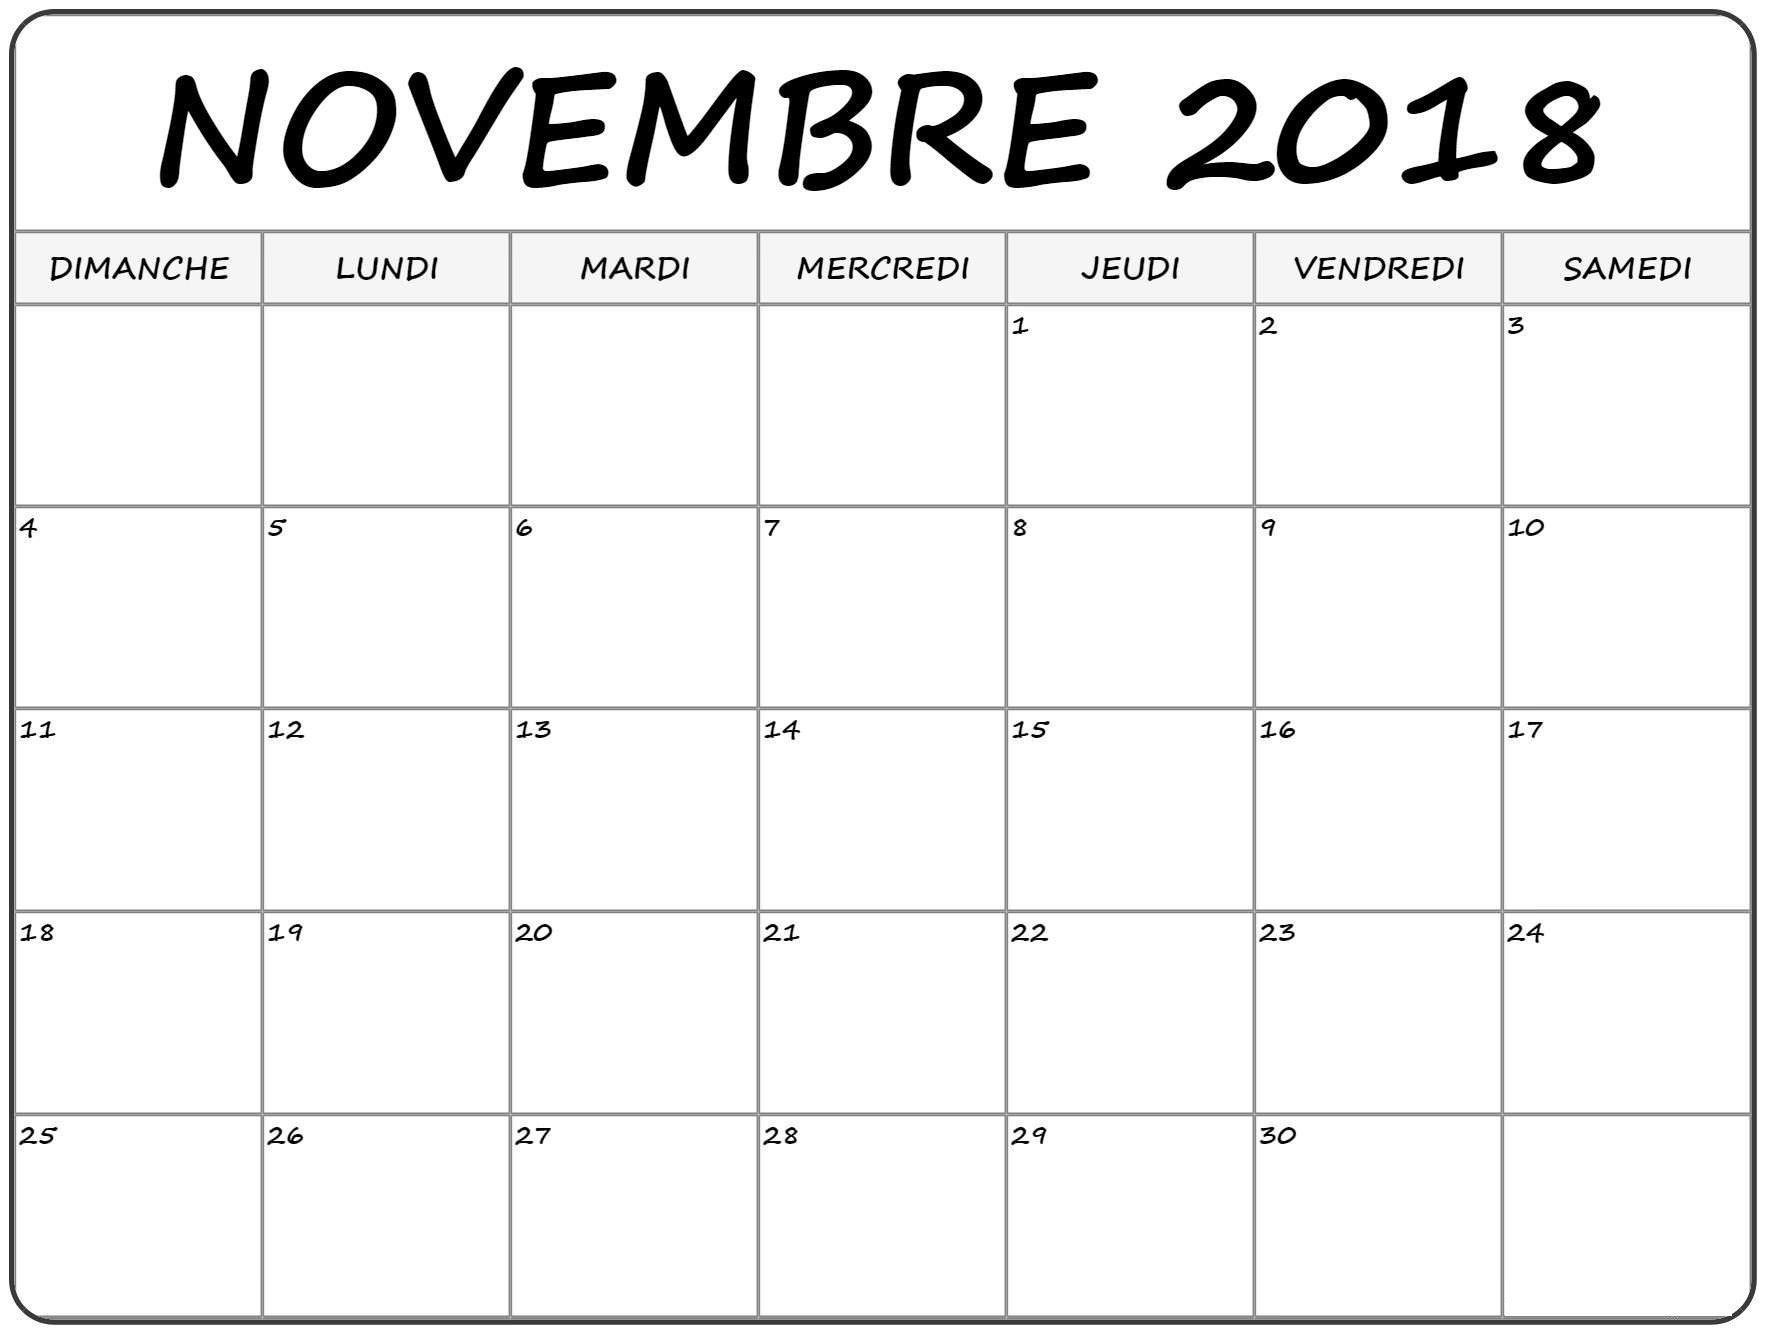 Calendrier Novembre 2020.Calendrier Novembre 2018 Excel Printable Blank Calendar